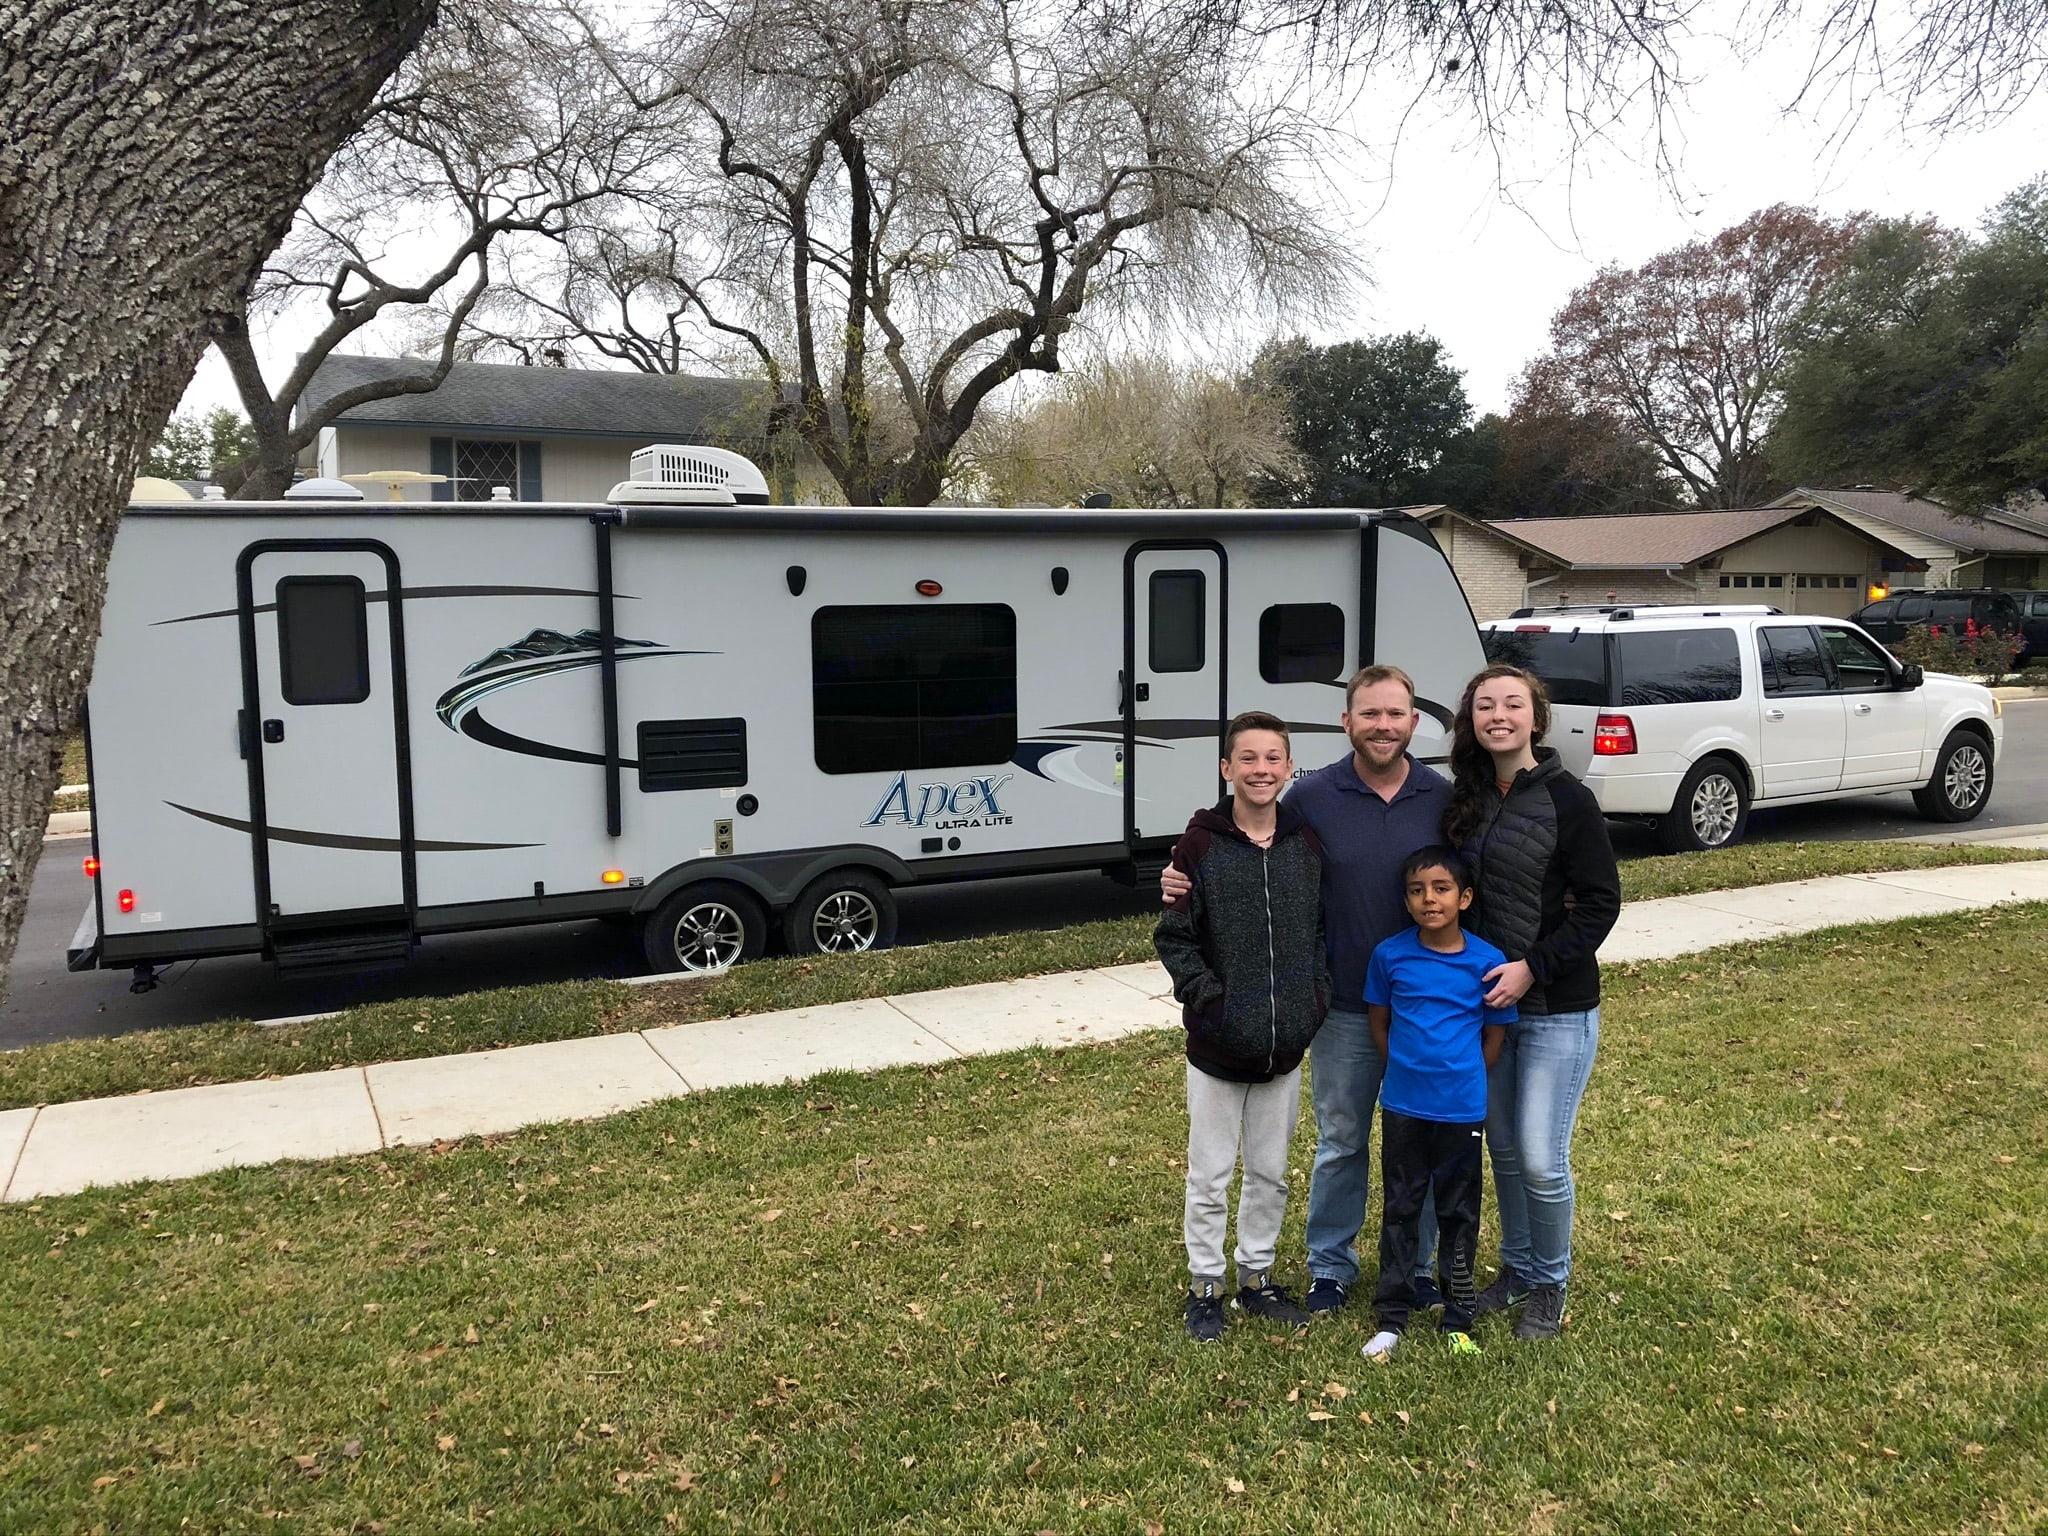 Trailer & Family Heading Out. Coachmen Apex 2015